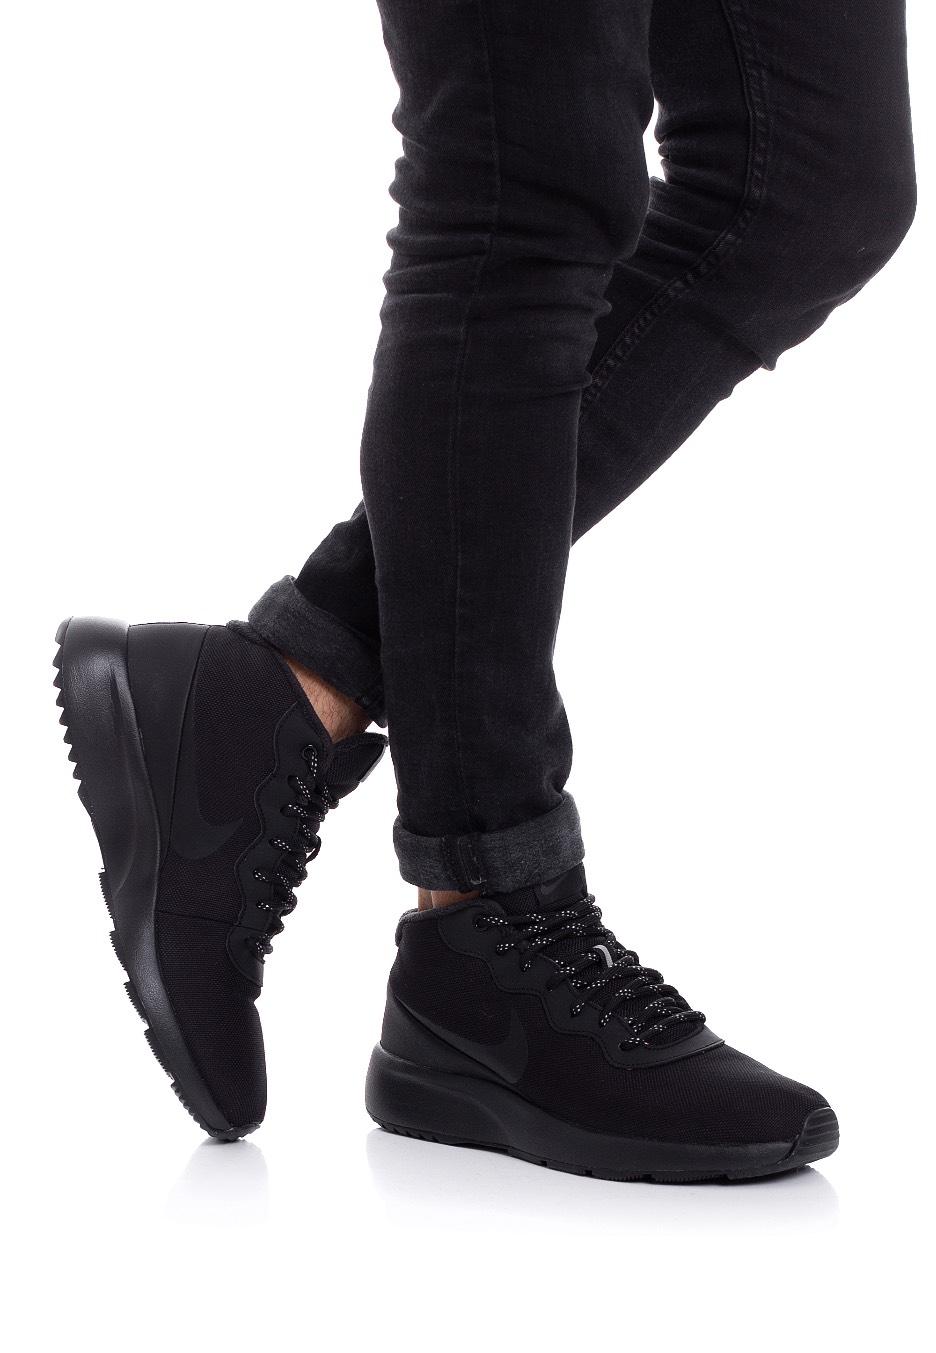 Settlers screziare Processo di fabbricazione stradale  Nike - Tanjun Chukka Black/Black/Anthracite - Shoes - Impericon.com  Worldwide